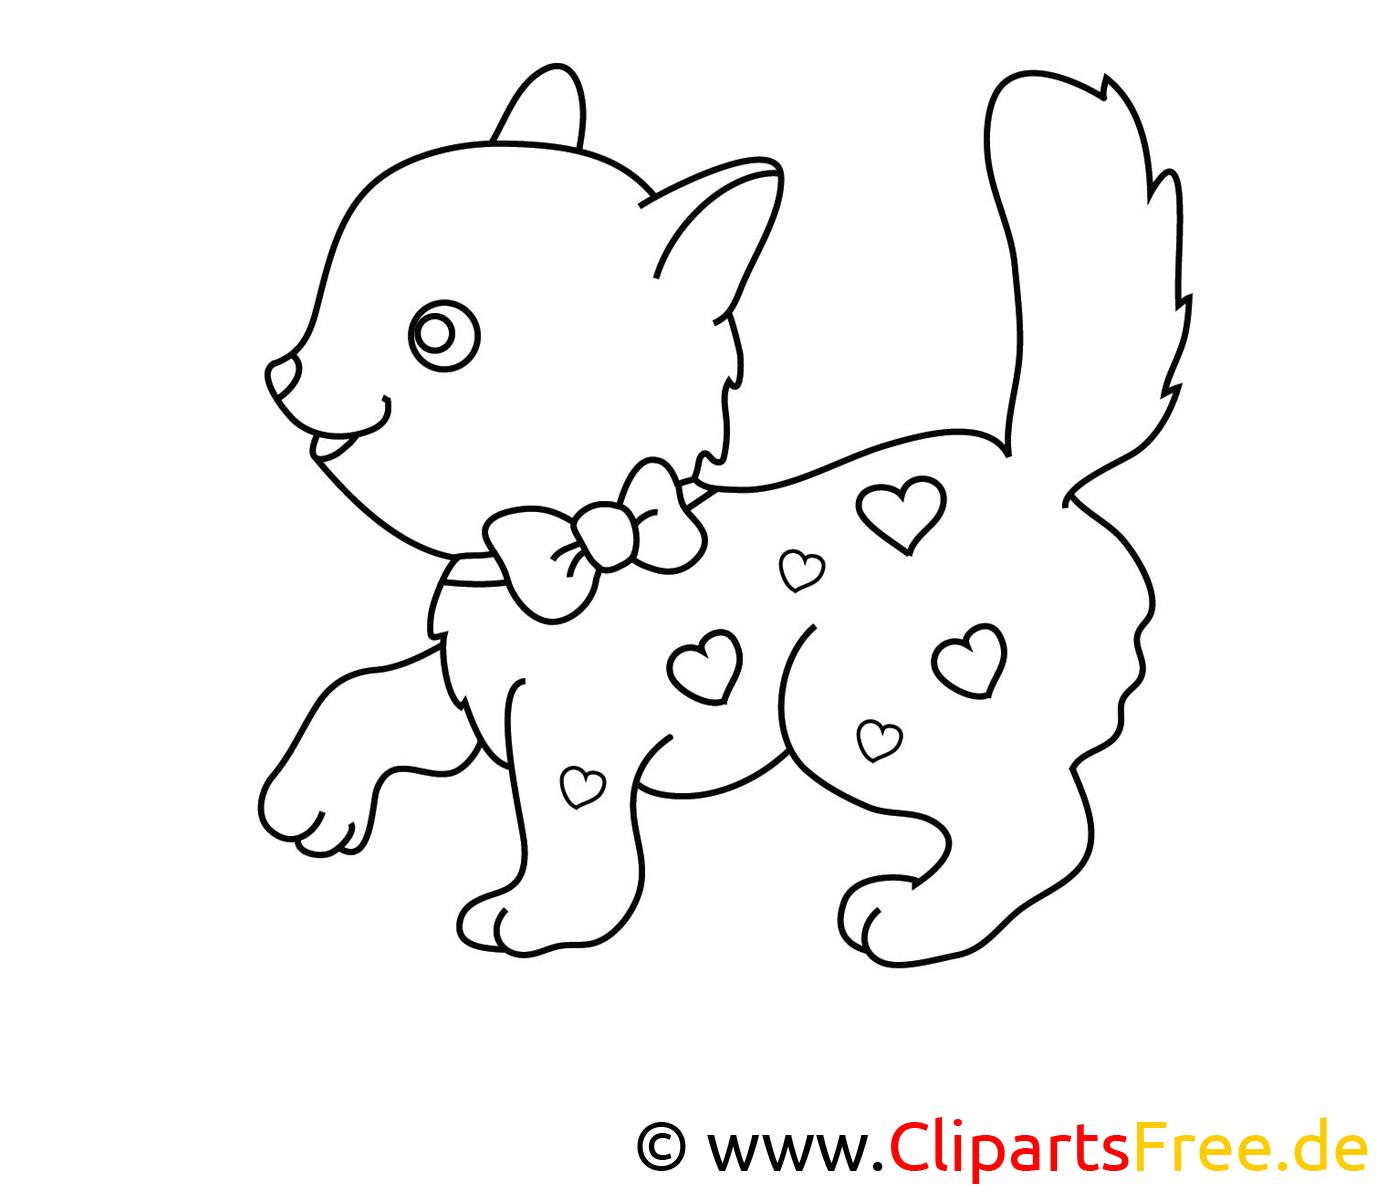 Coloriage chat image à télécharger gratuite